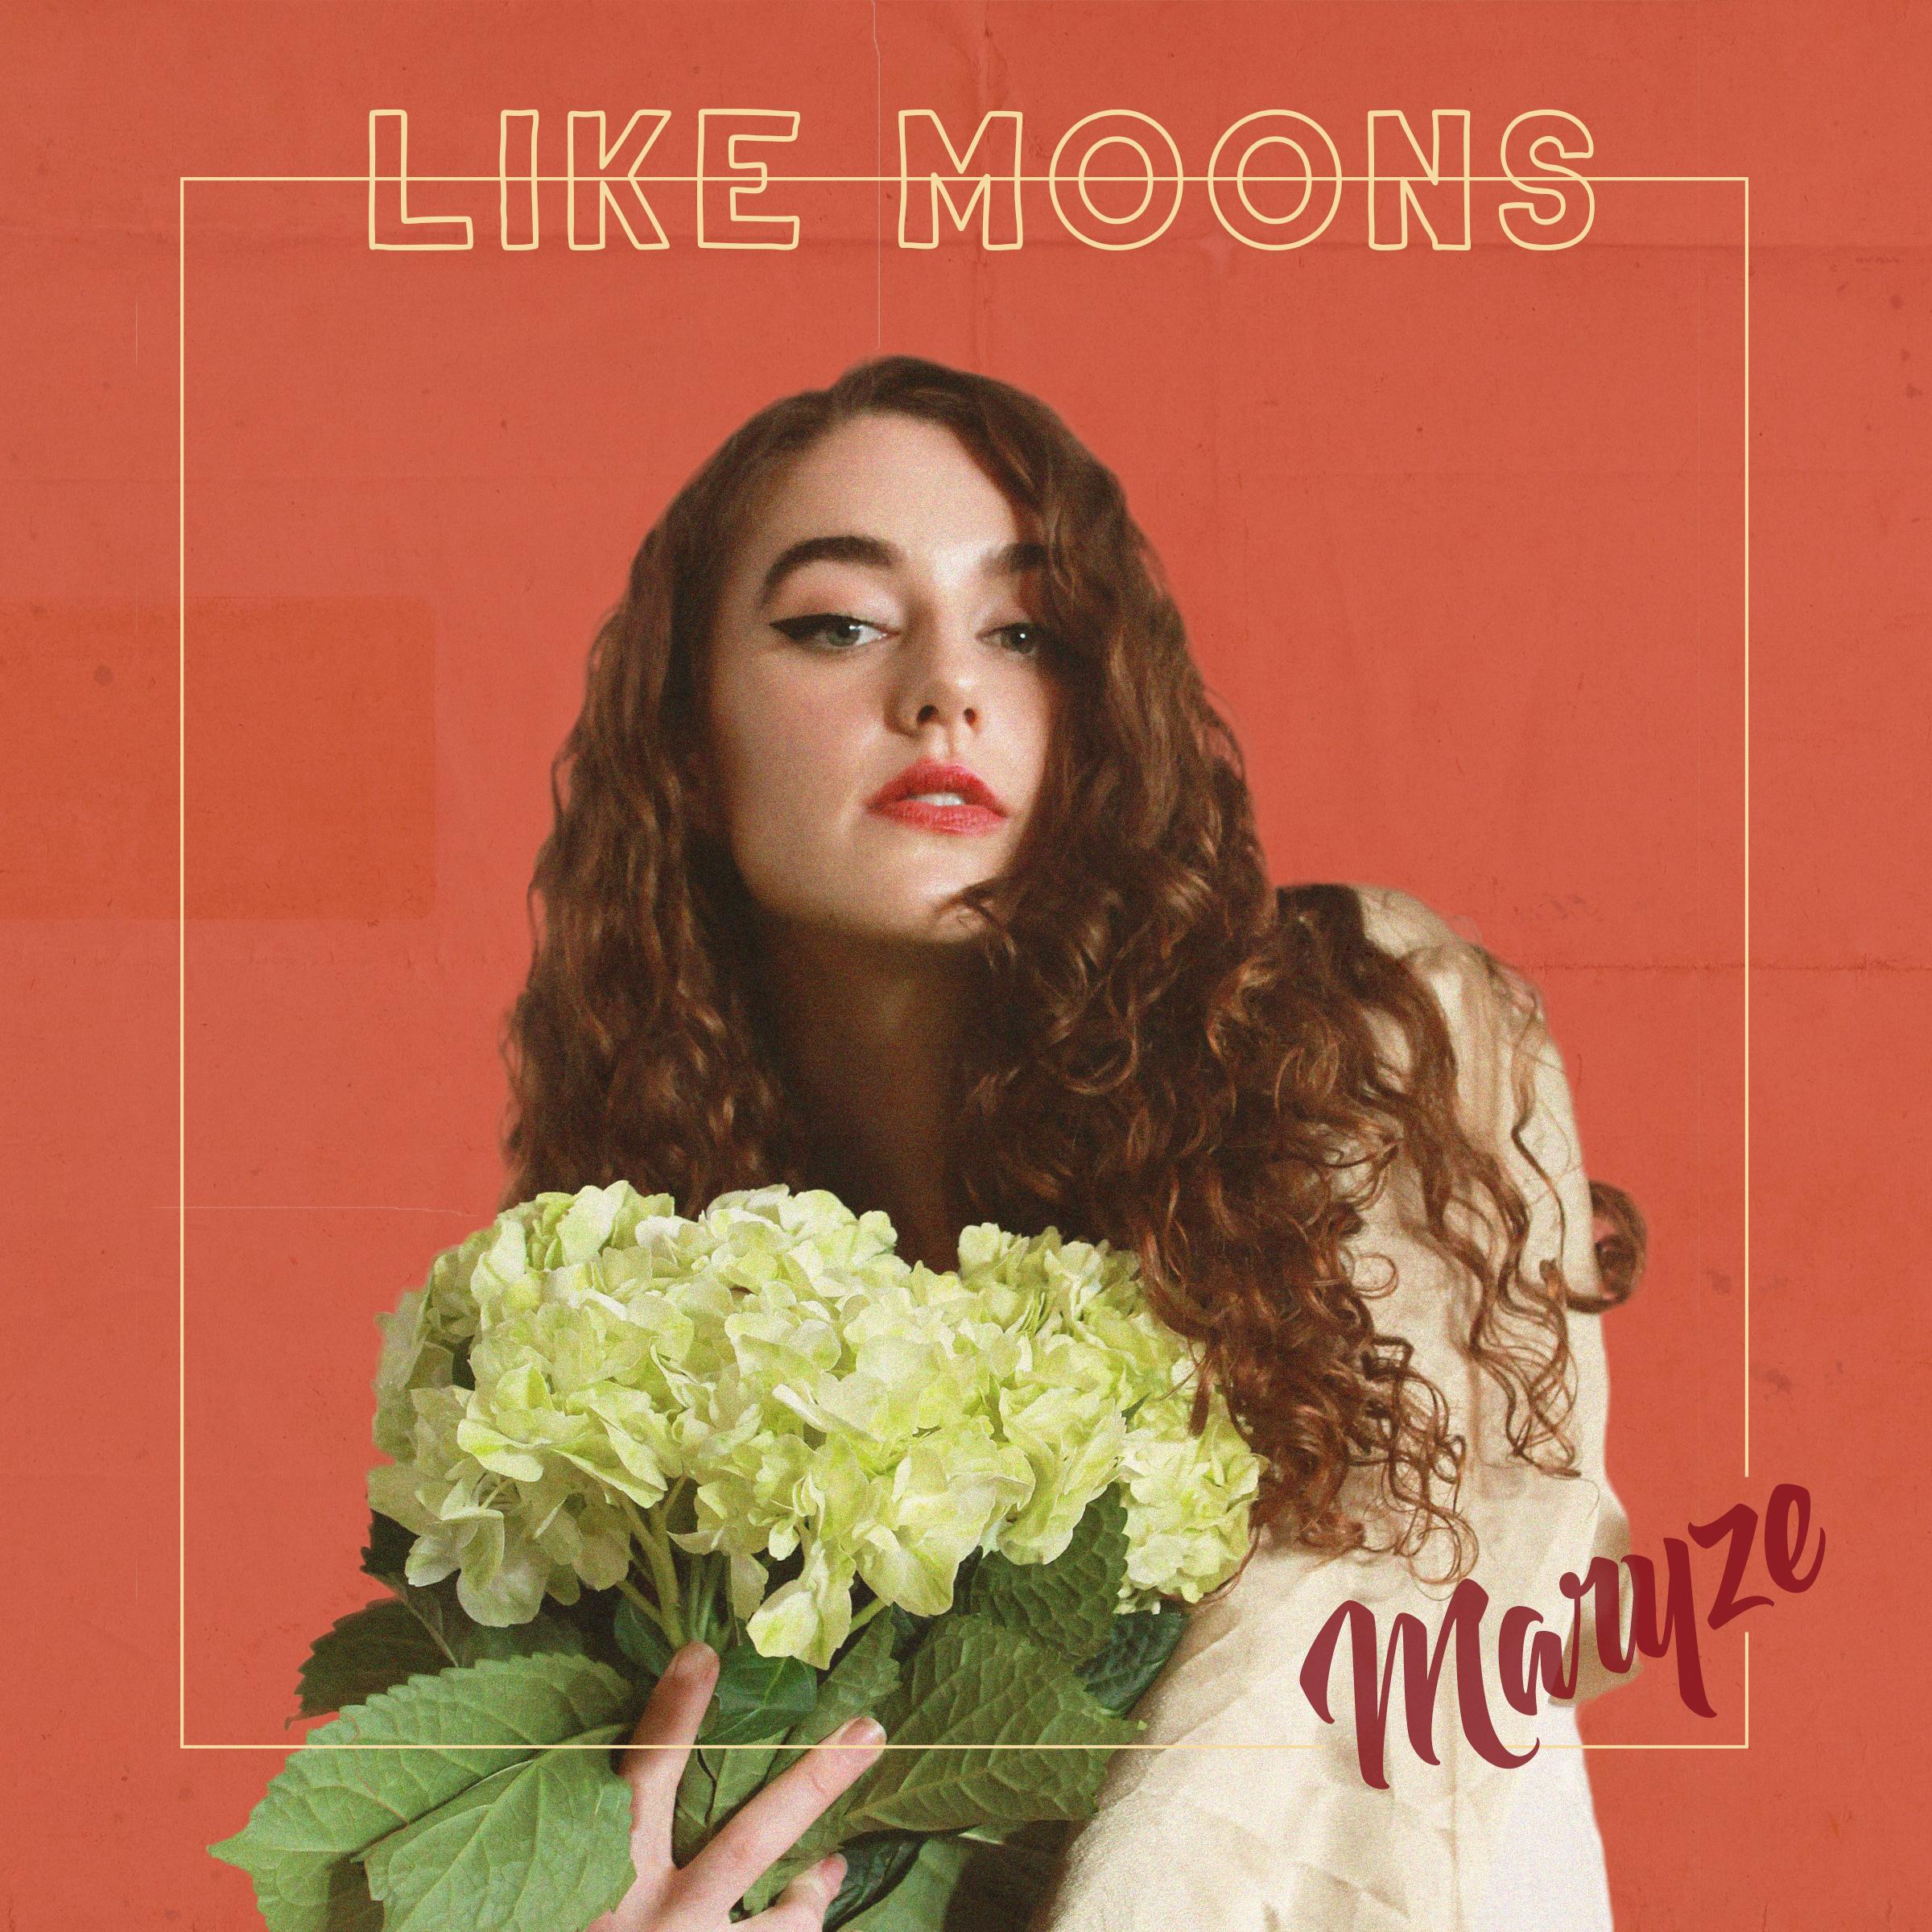 EP cover by Ciele Beau, photo by Malaika Astorga